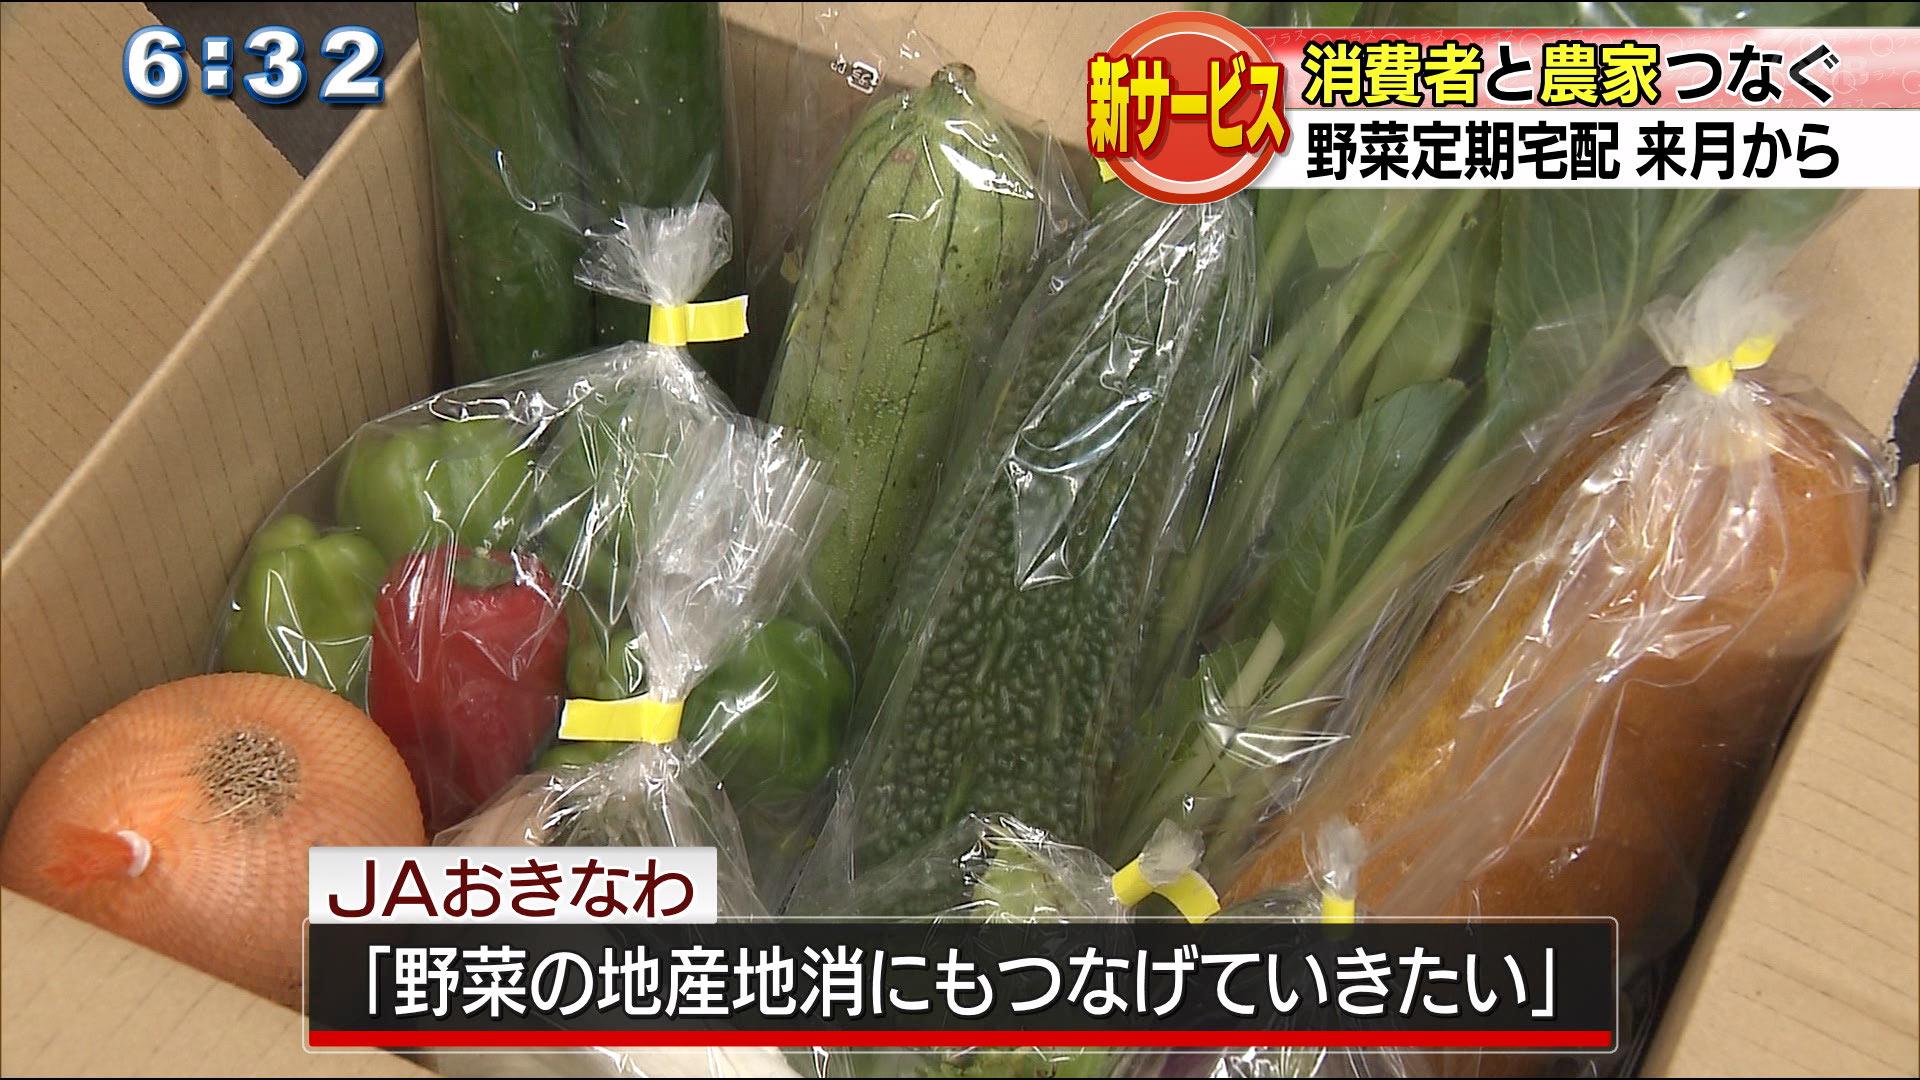 野菜定期宅配サービス来月から開始